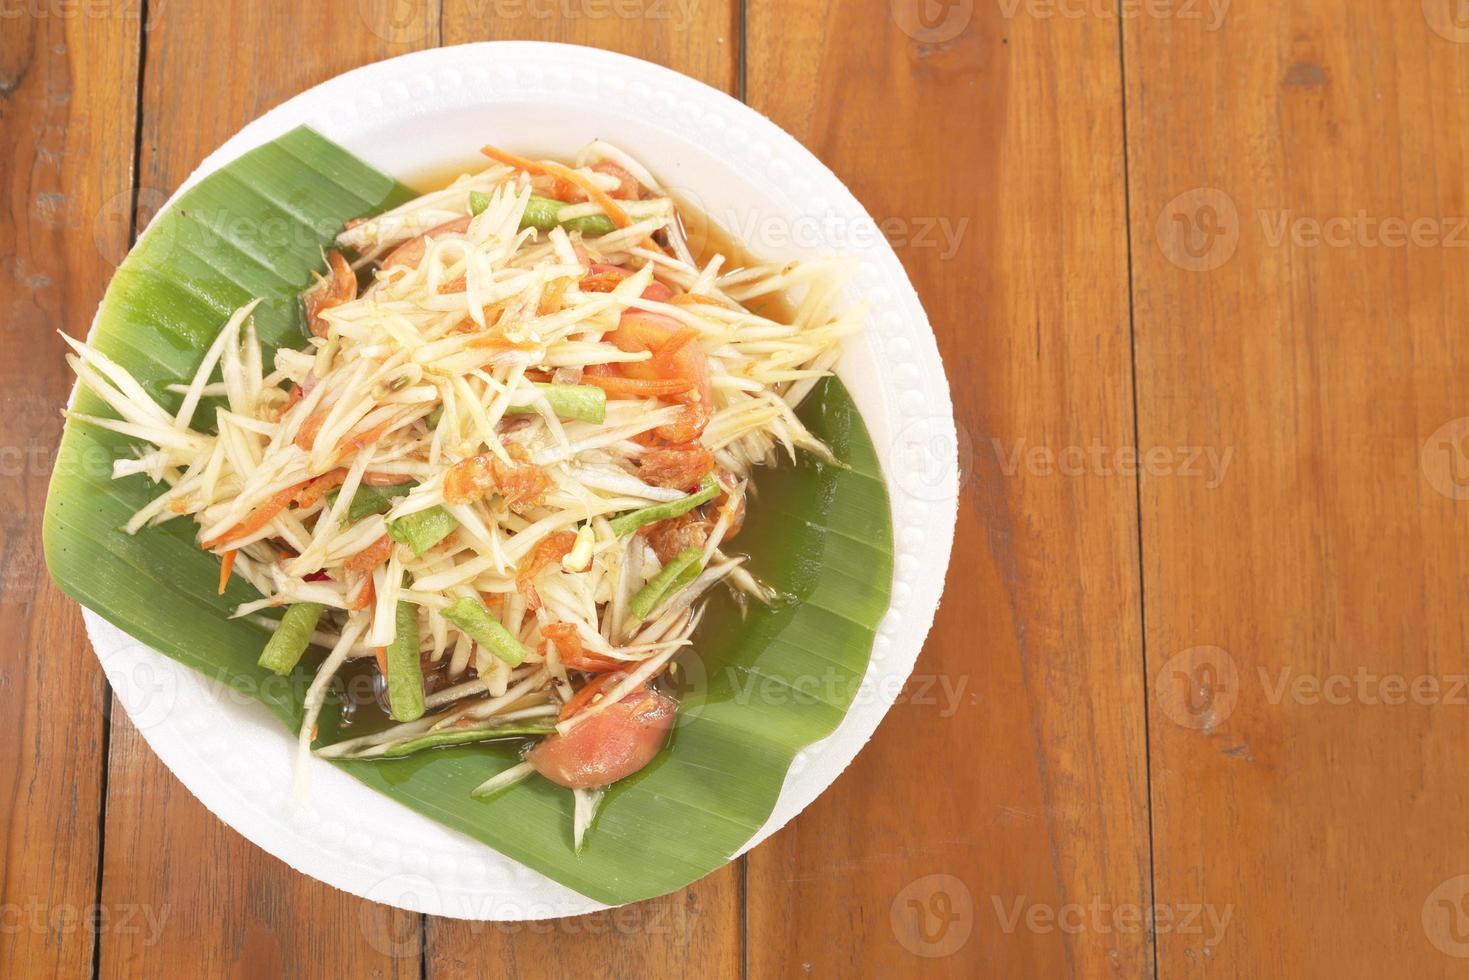 ensalada de papaya foto